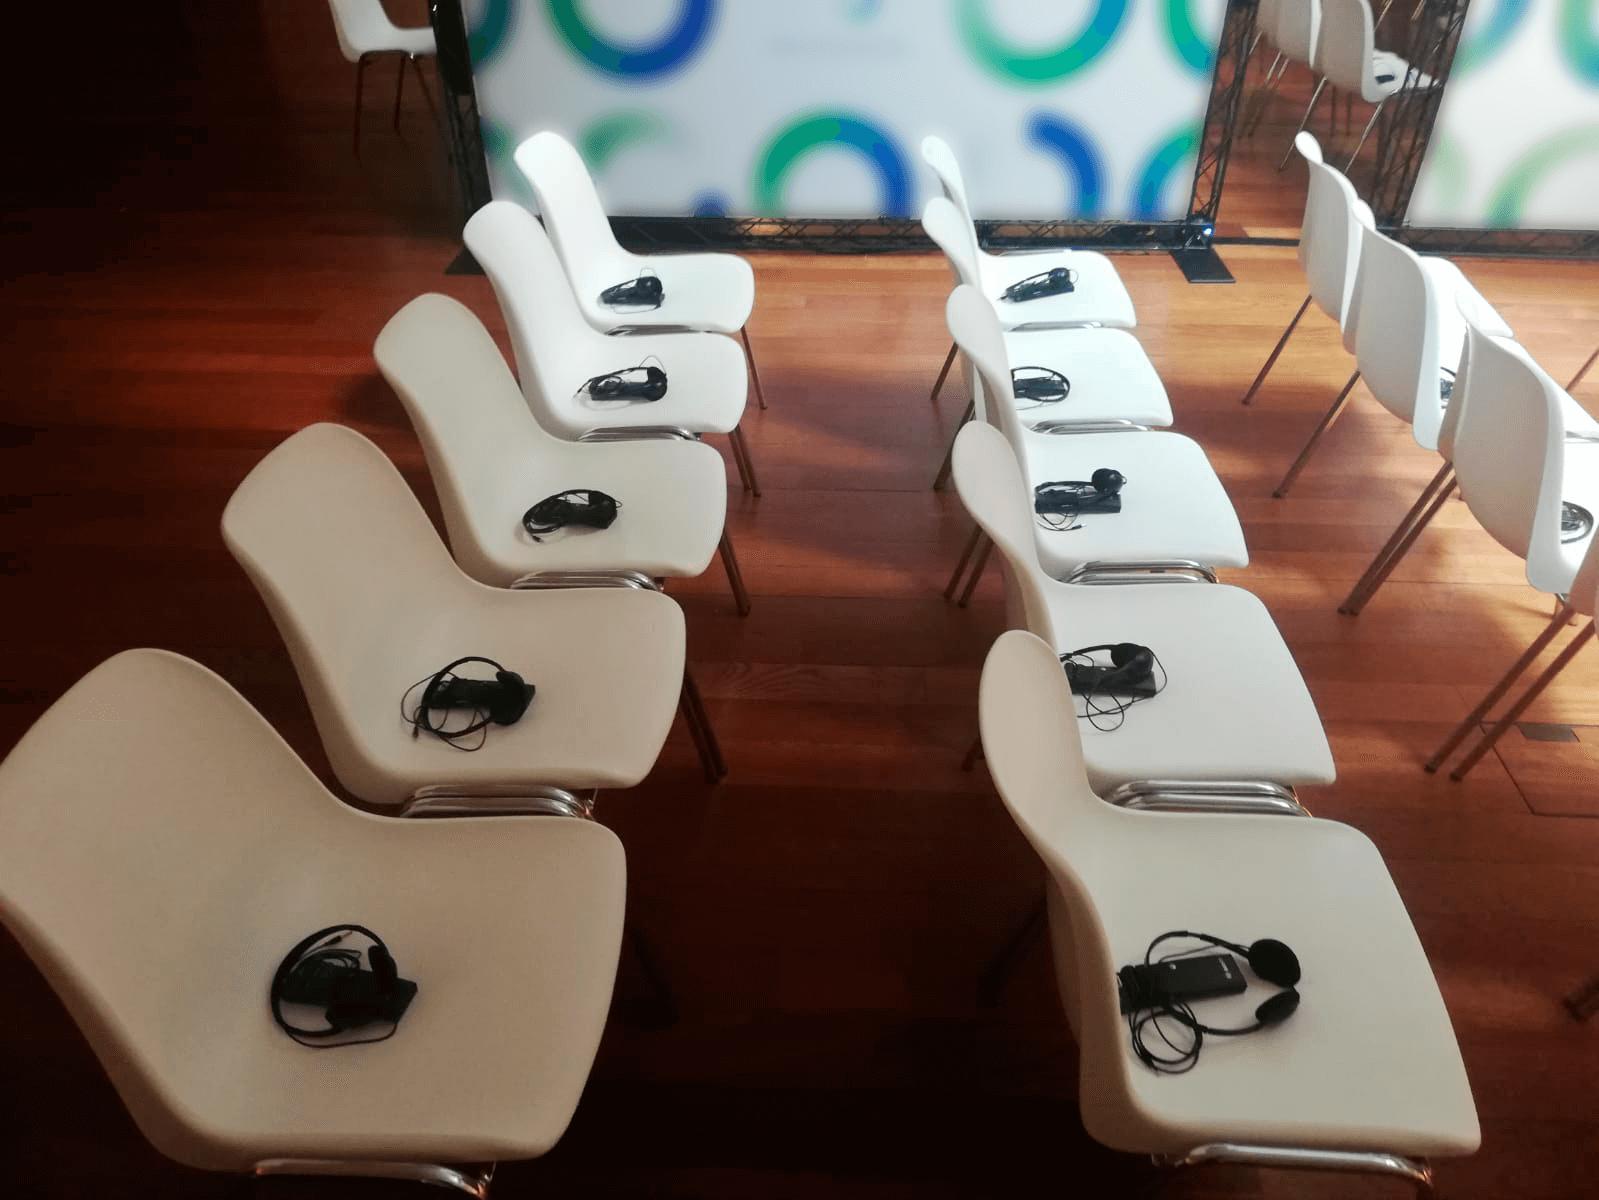 receptores digitales en auditorio silencioso